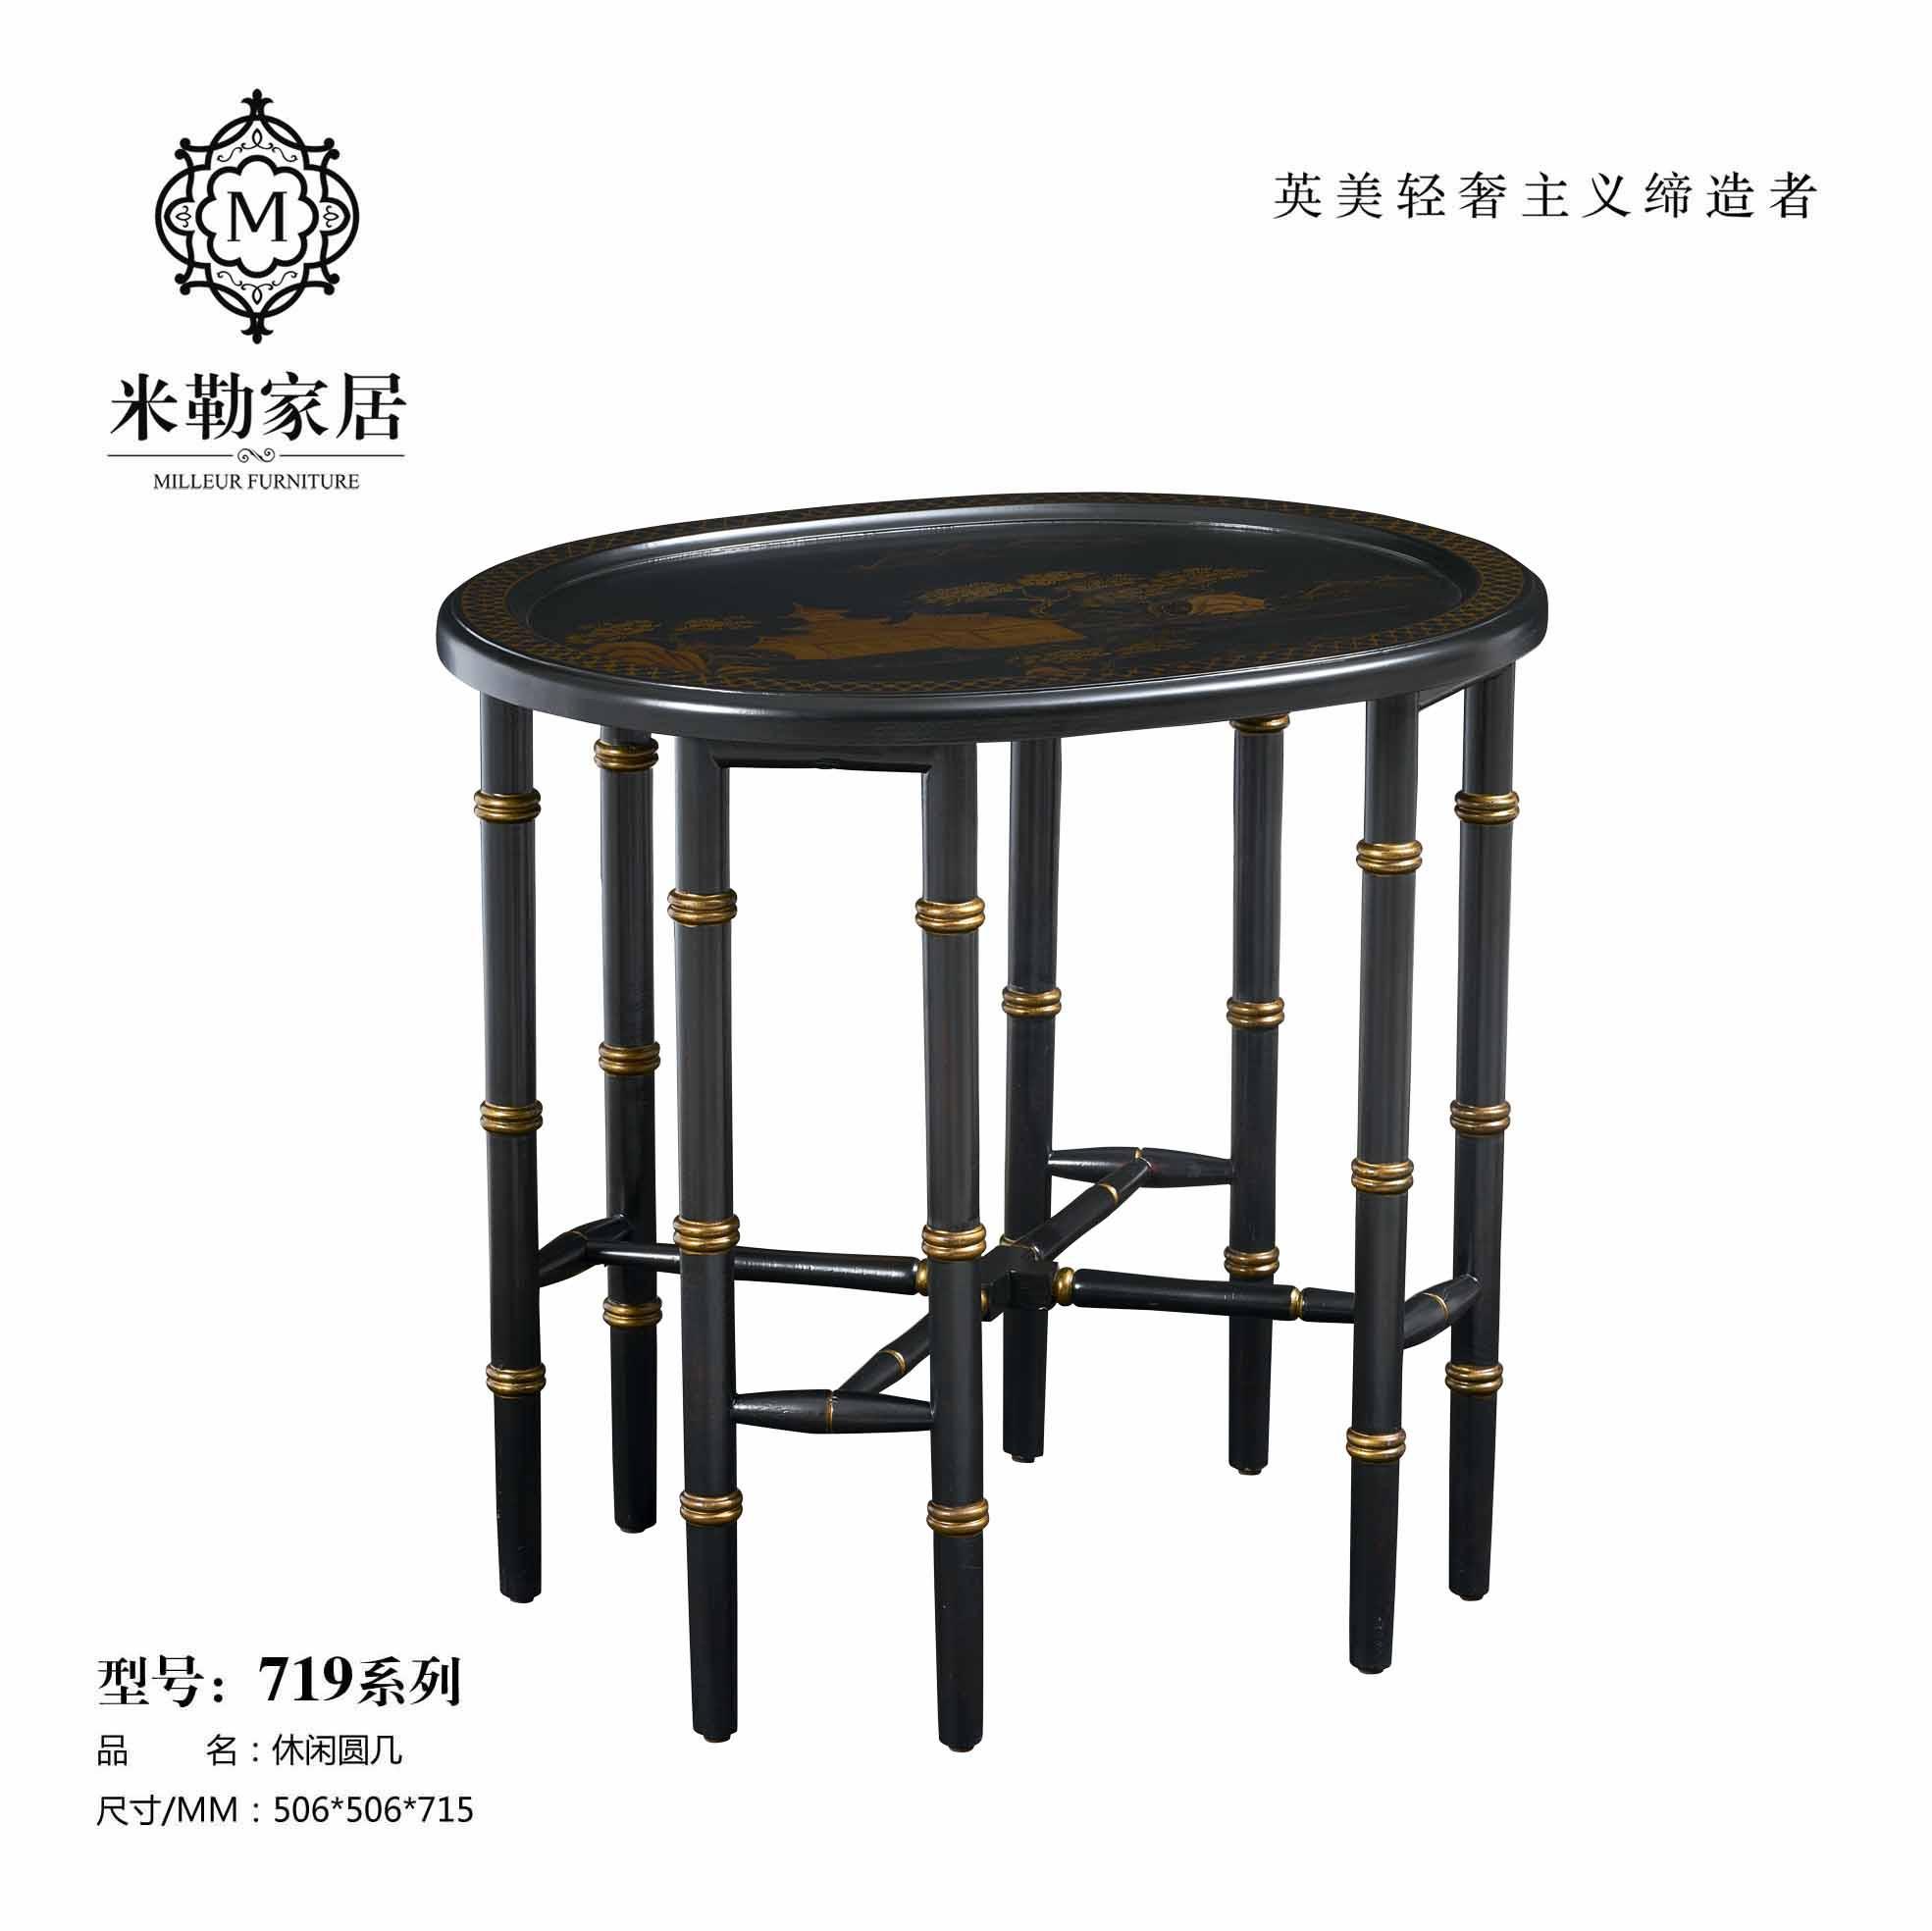 餐厅 餐桌 家具 椅 椅子 装修 桌 桌椅 桌子 1969_1968